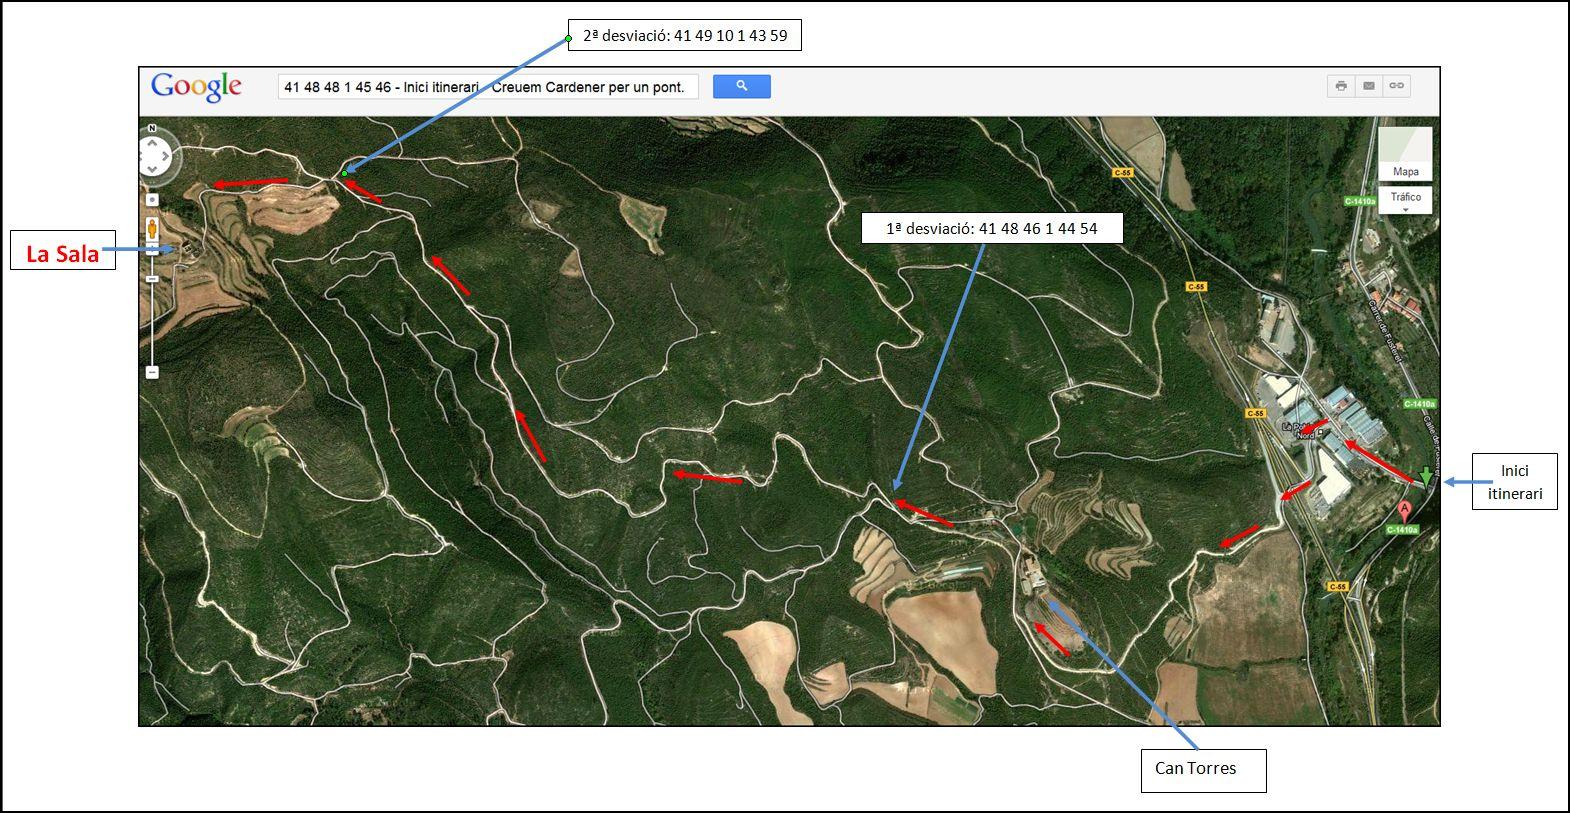 la-sala-sant-mateu-de-bages-111101-itinerari-google-maps